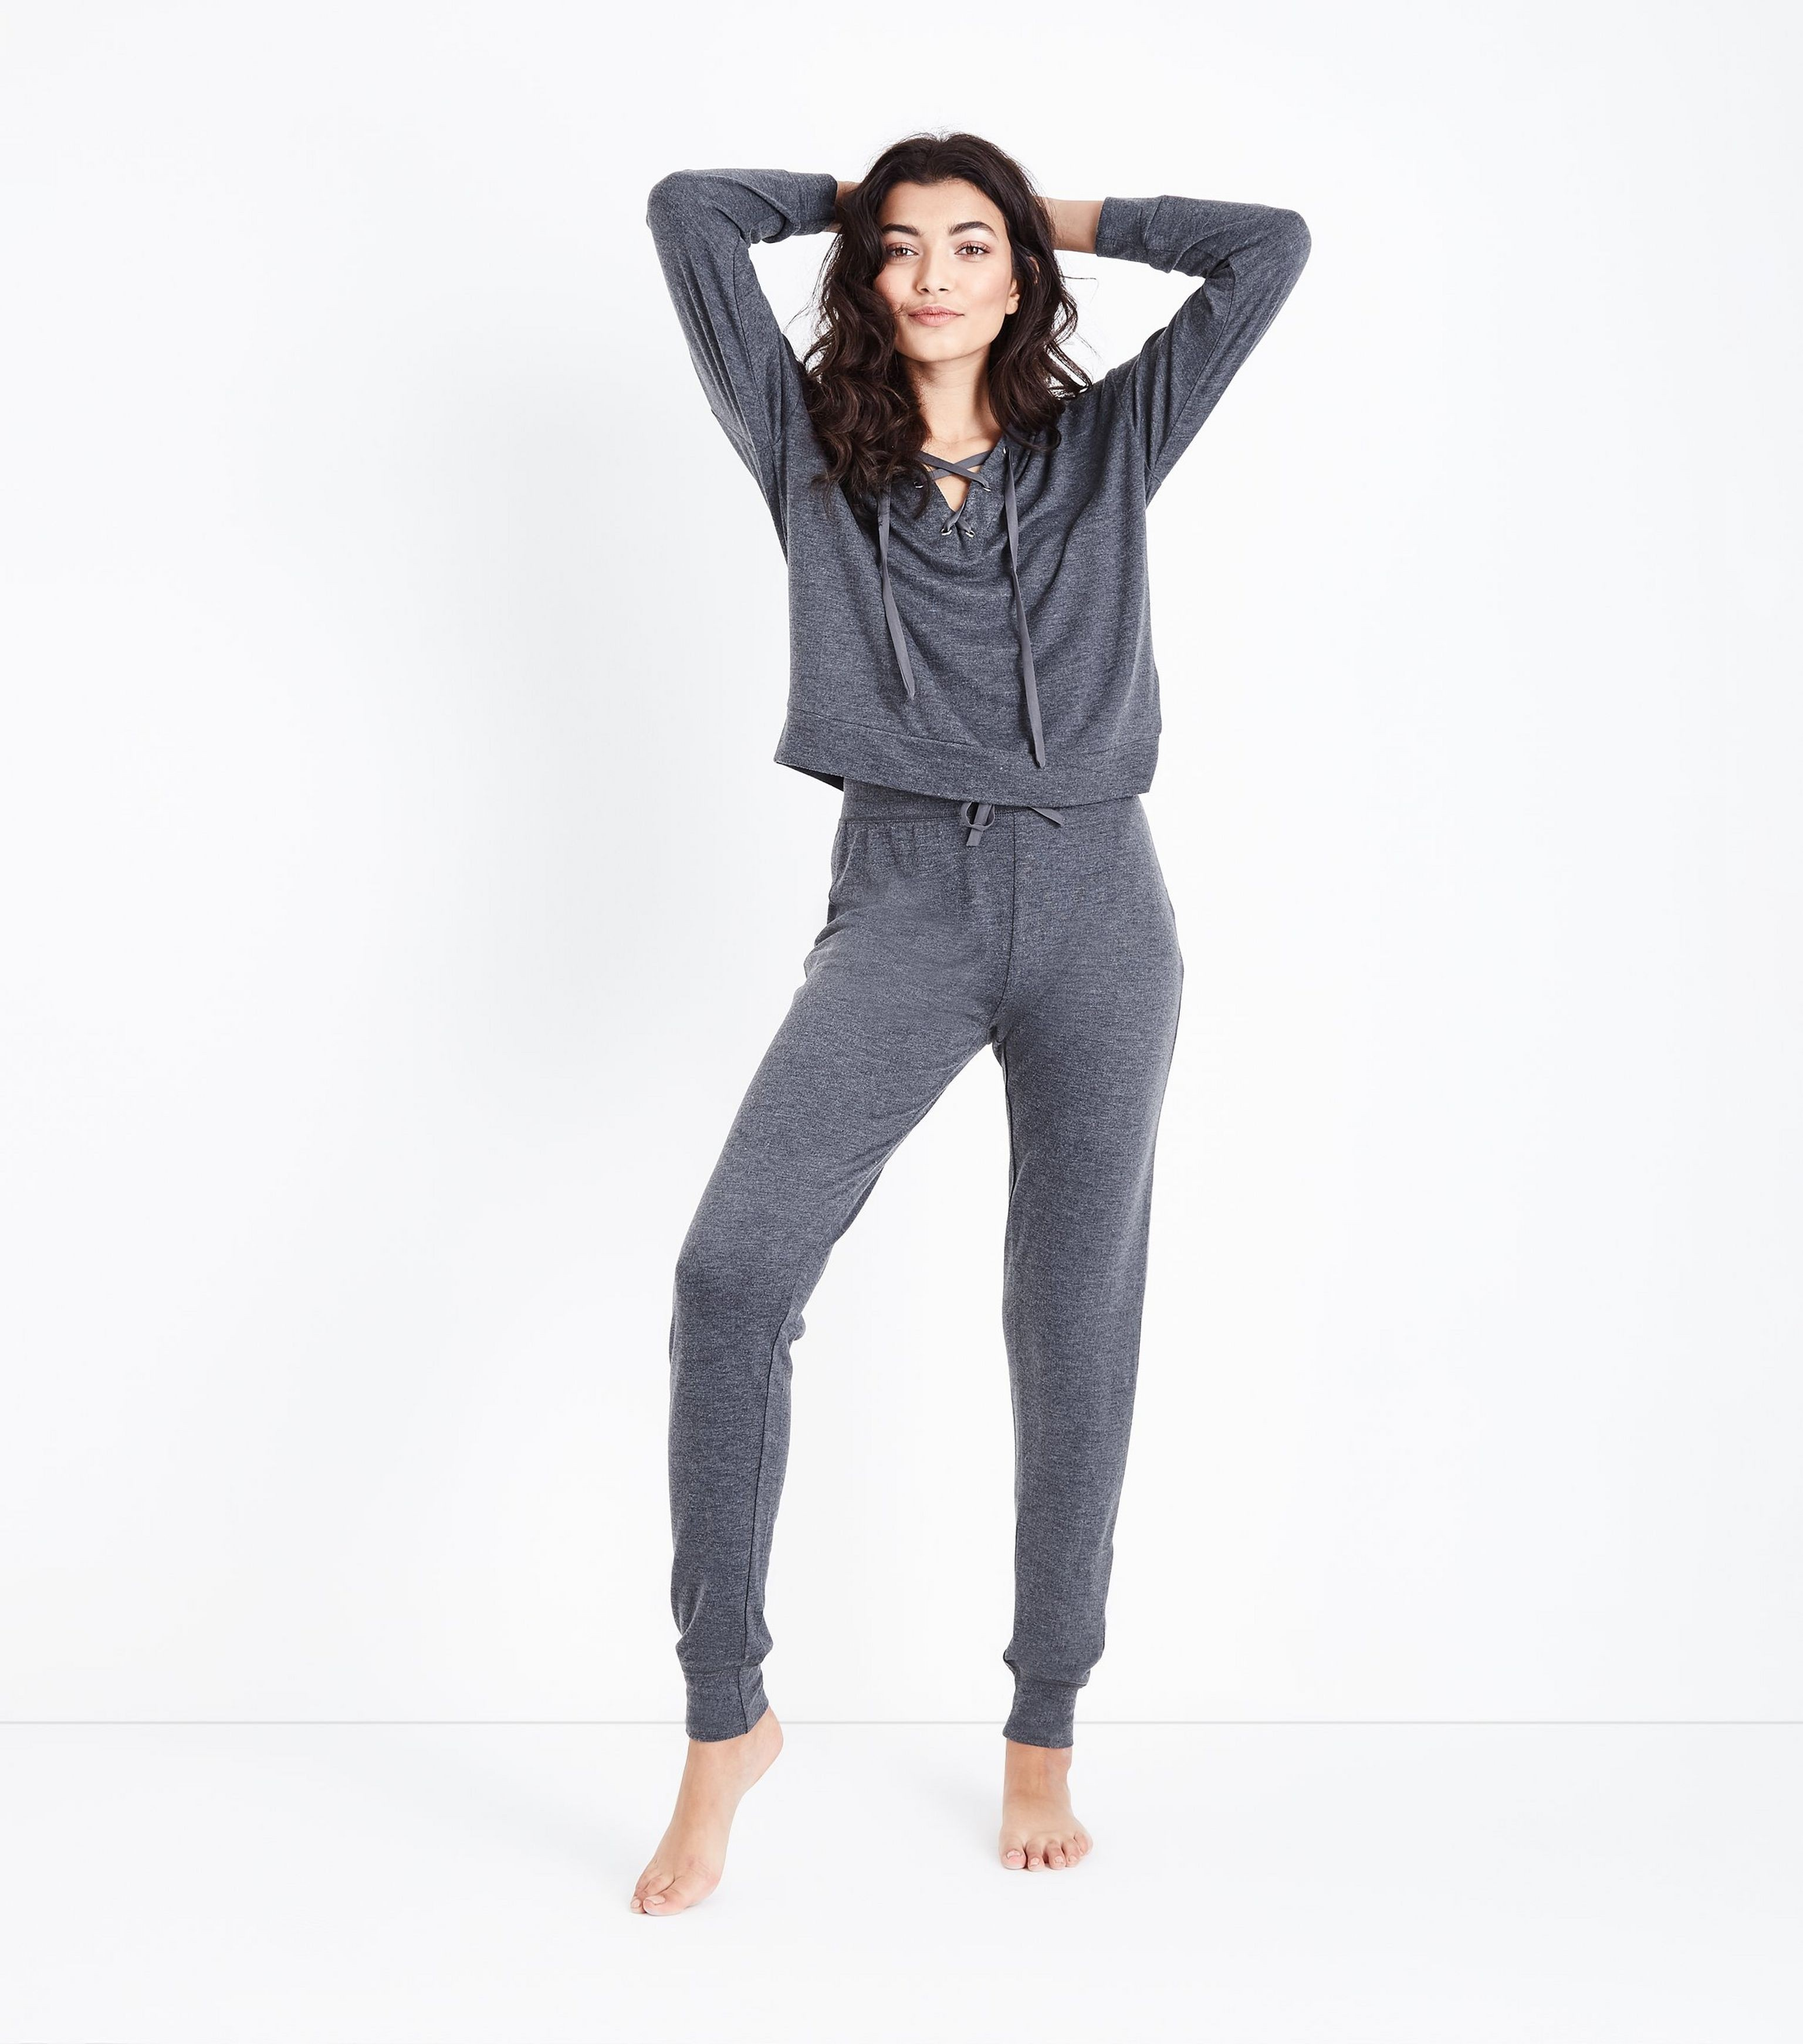 спортивный костюм женский модный 2018 2019: серый в пижамном стиле